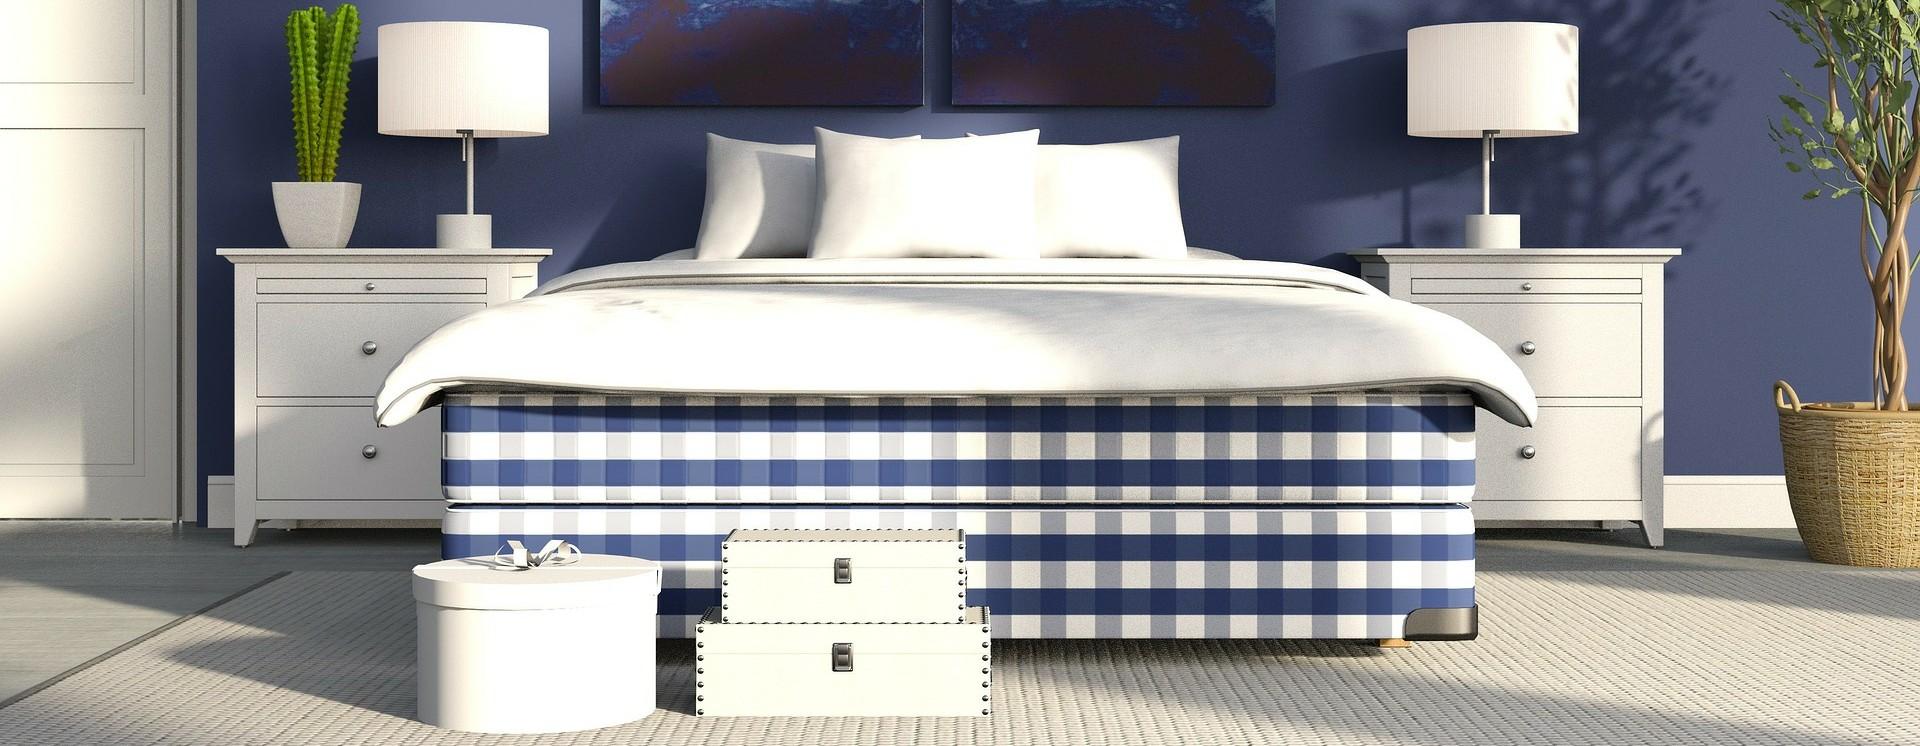 Günstiges Bett kaufen